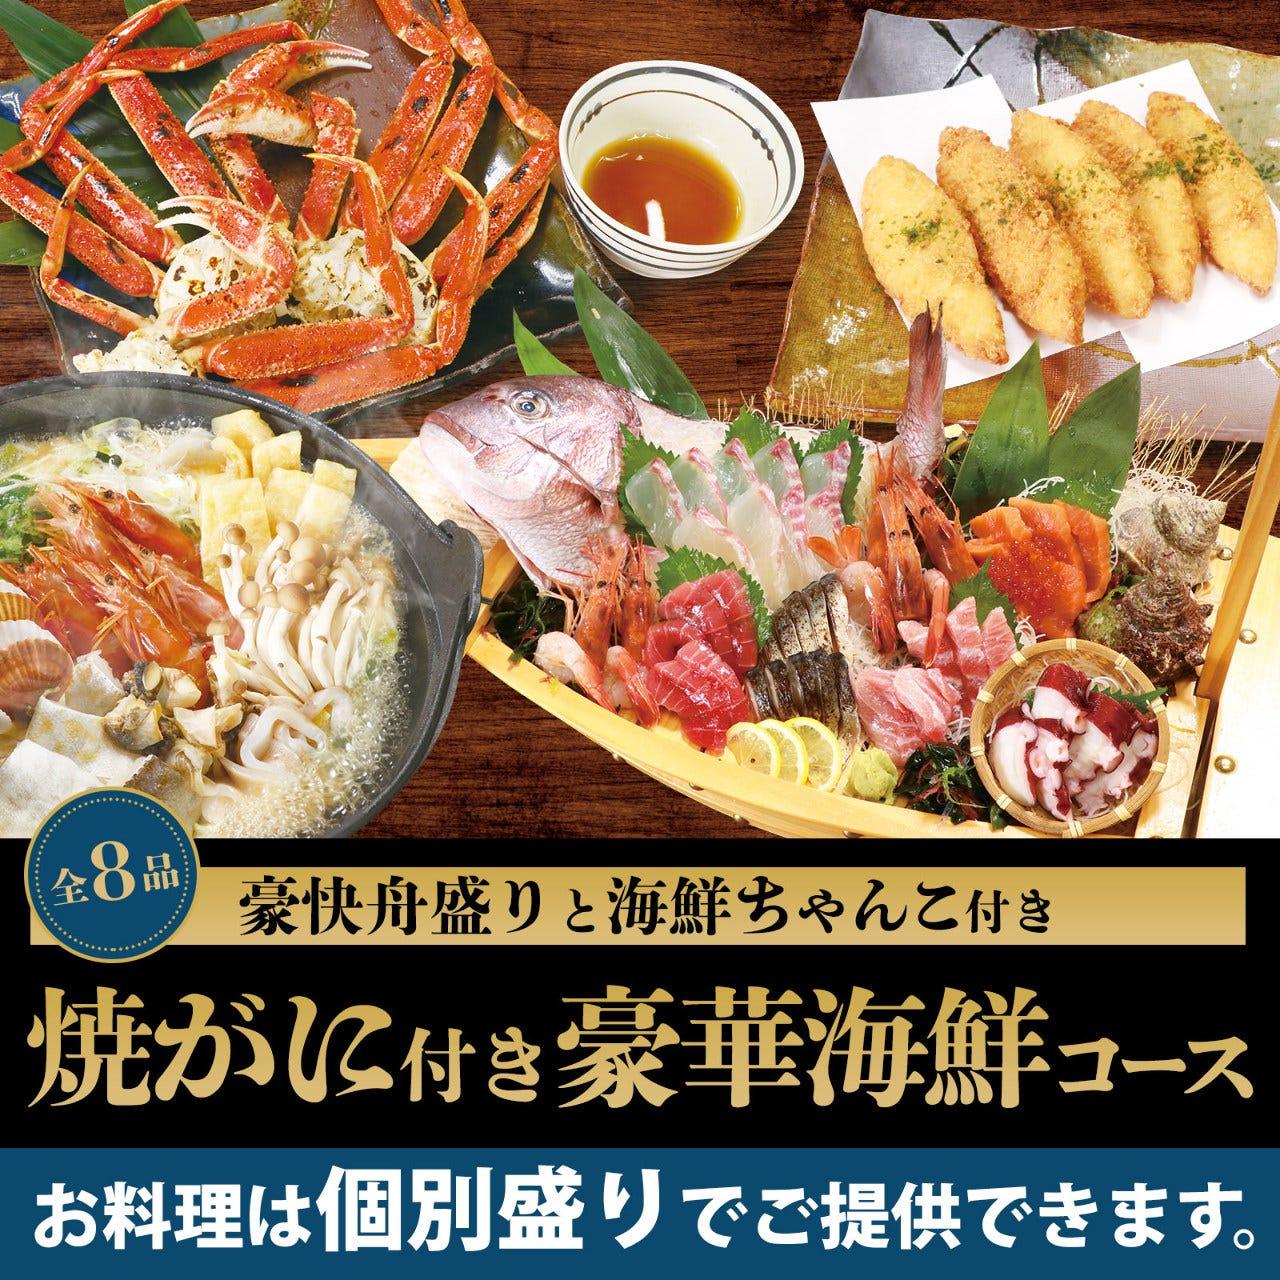 豪快舟盛りと味が選べる海鮮ちゃんこ鍋、焼がに付豪華海鮮コース